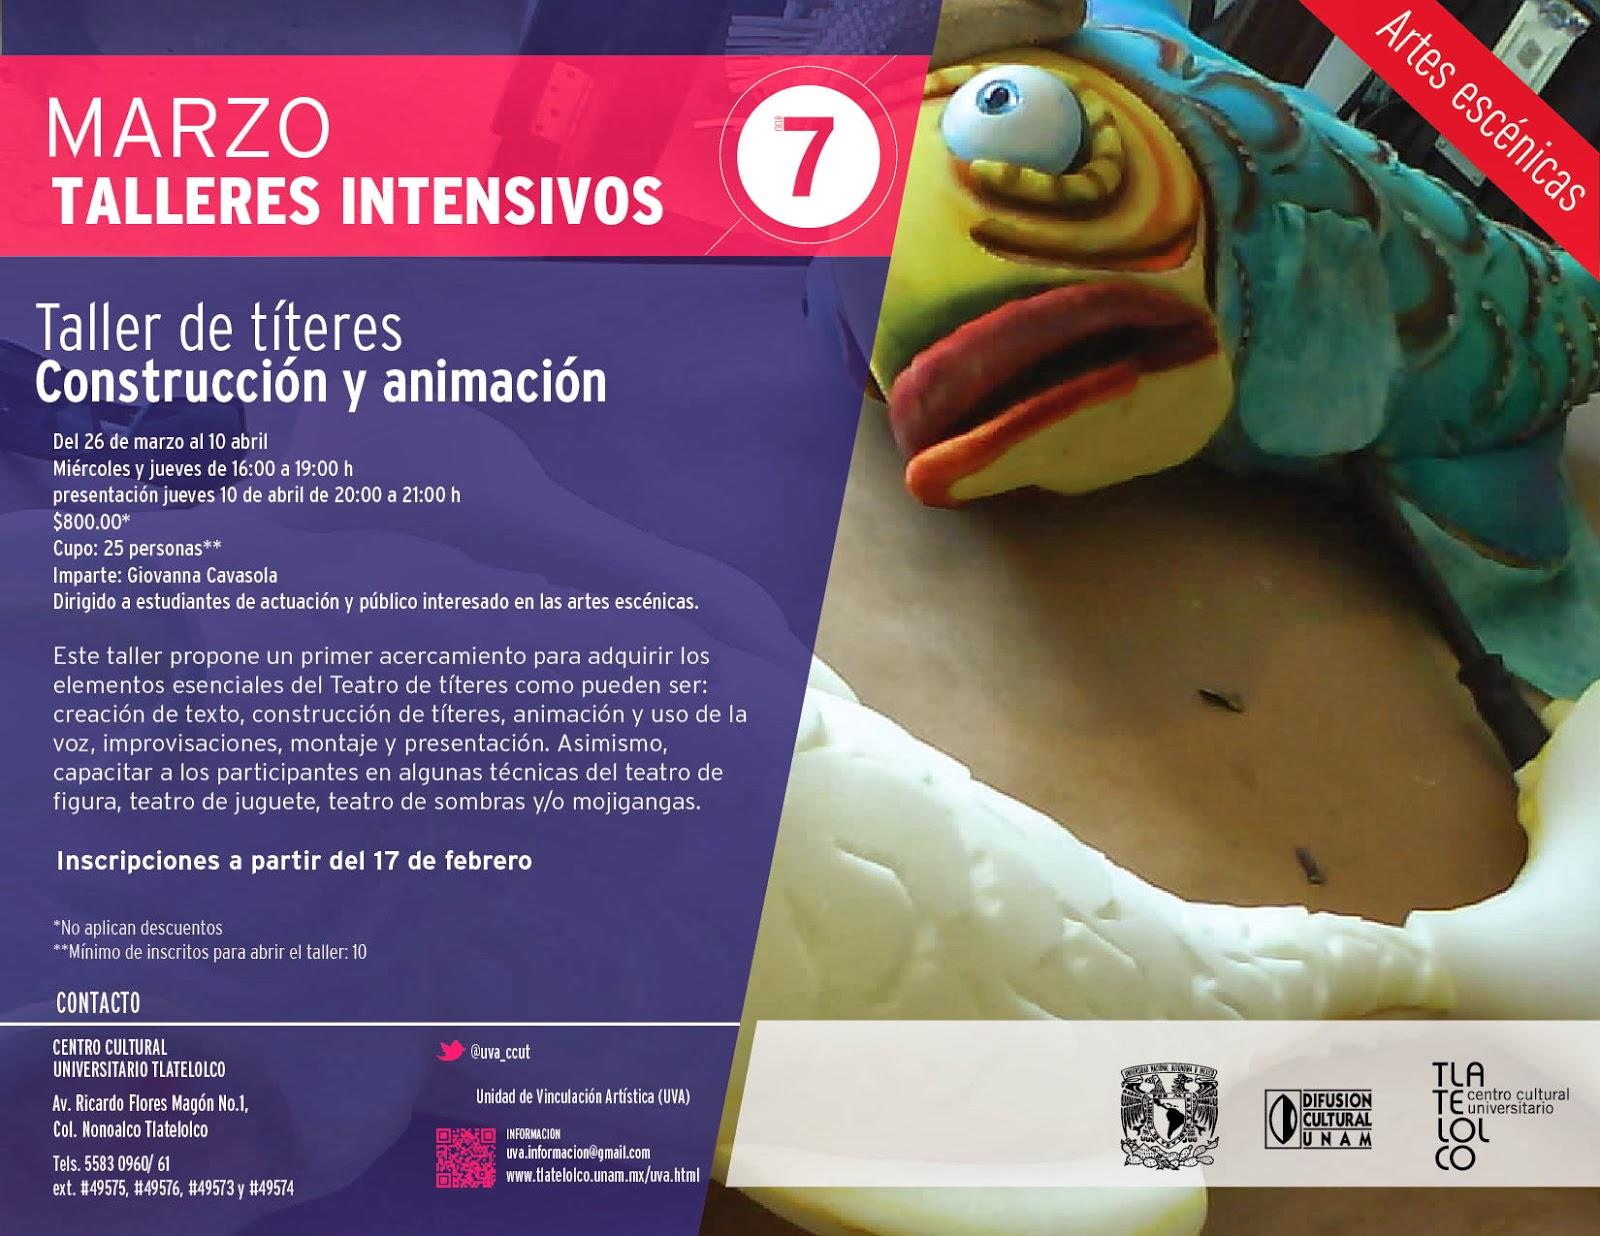 Curso intensivo sobre Teatro de títeres en el CCUT